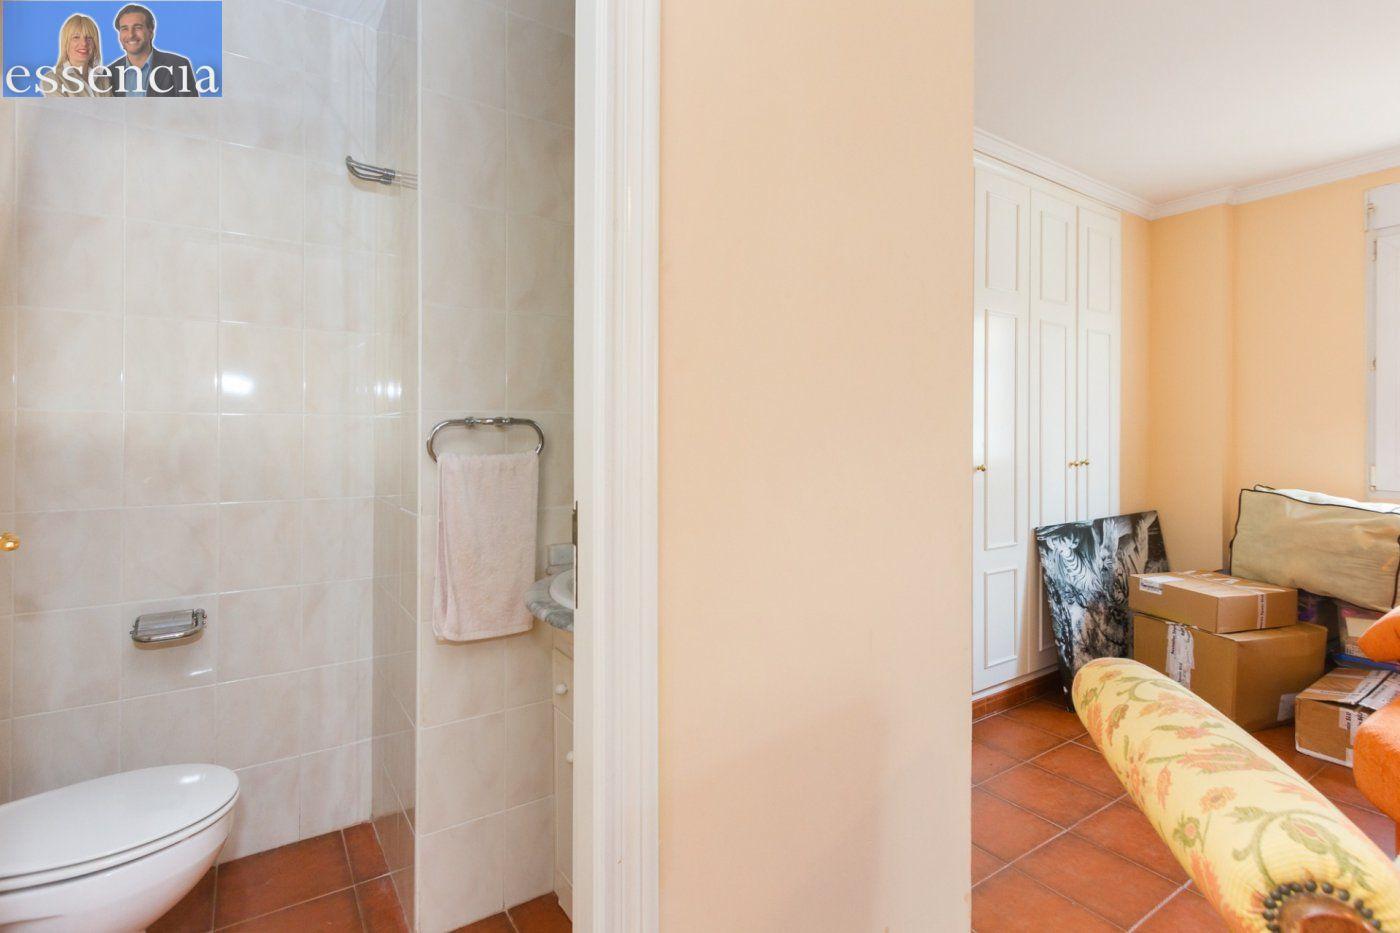 Casa con encanto en el centro de gandÍa para clientes vip - imagenInmueble20